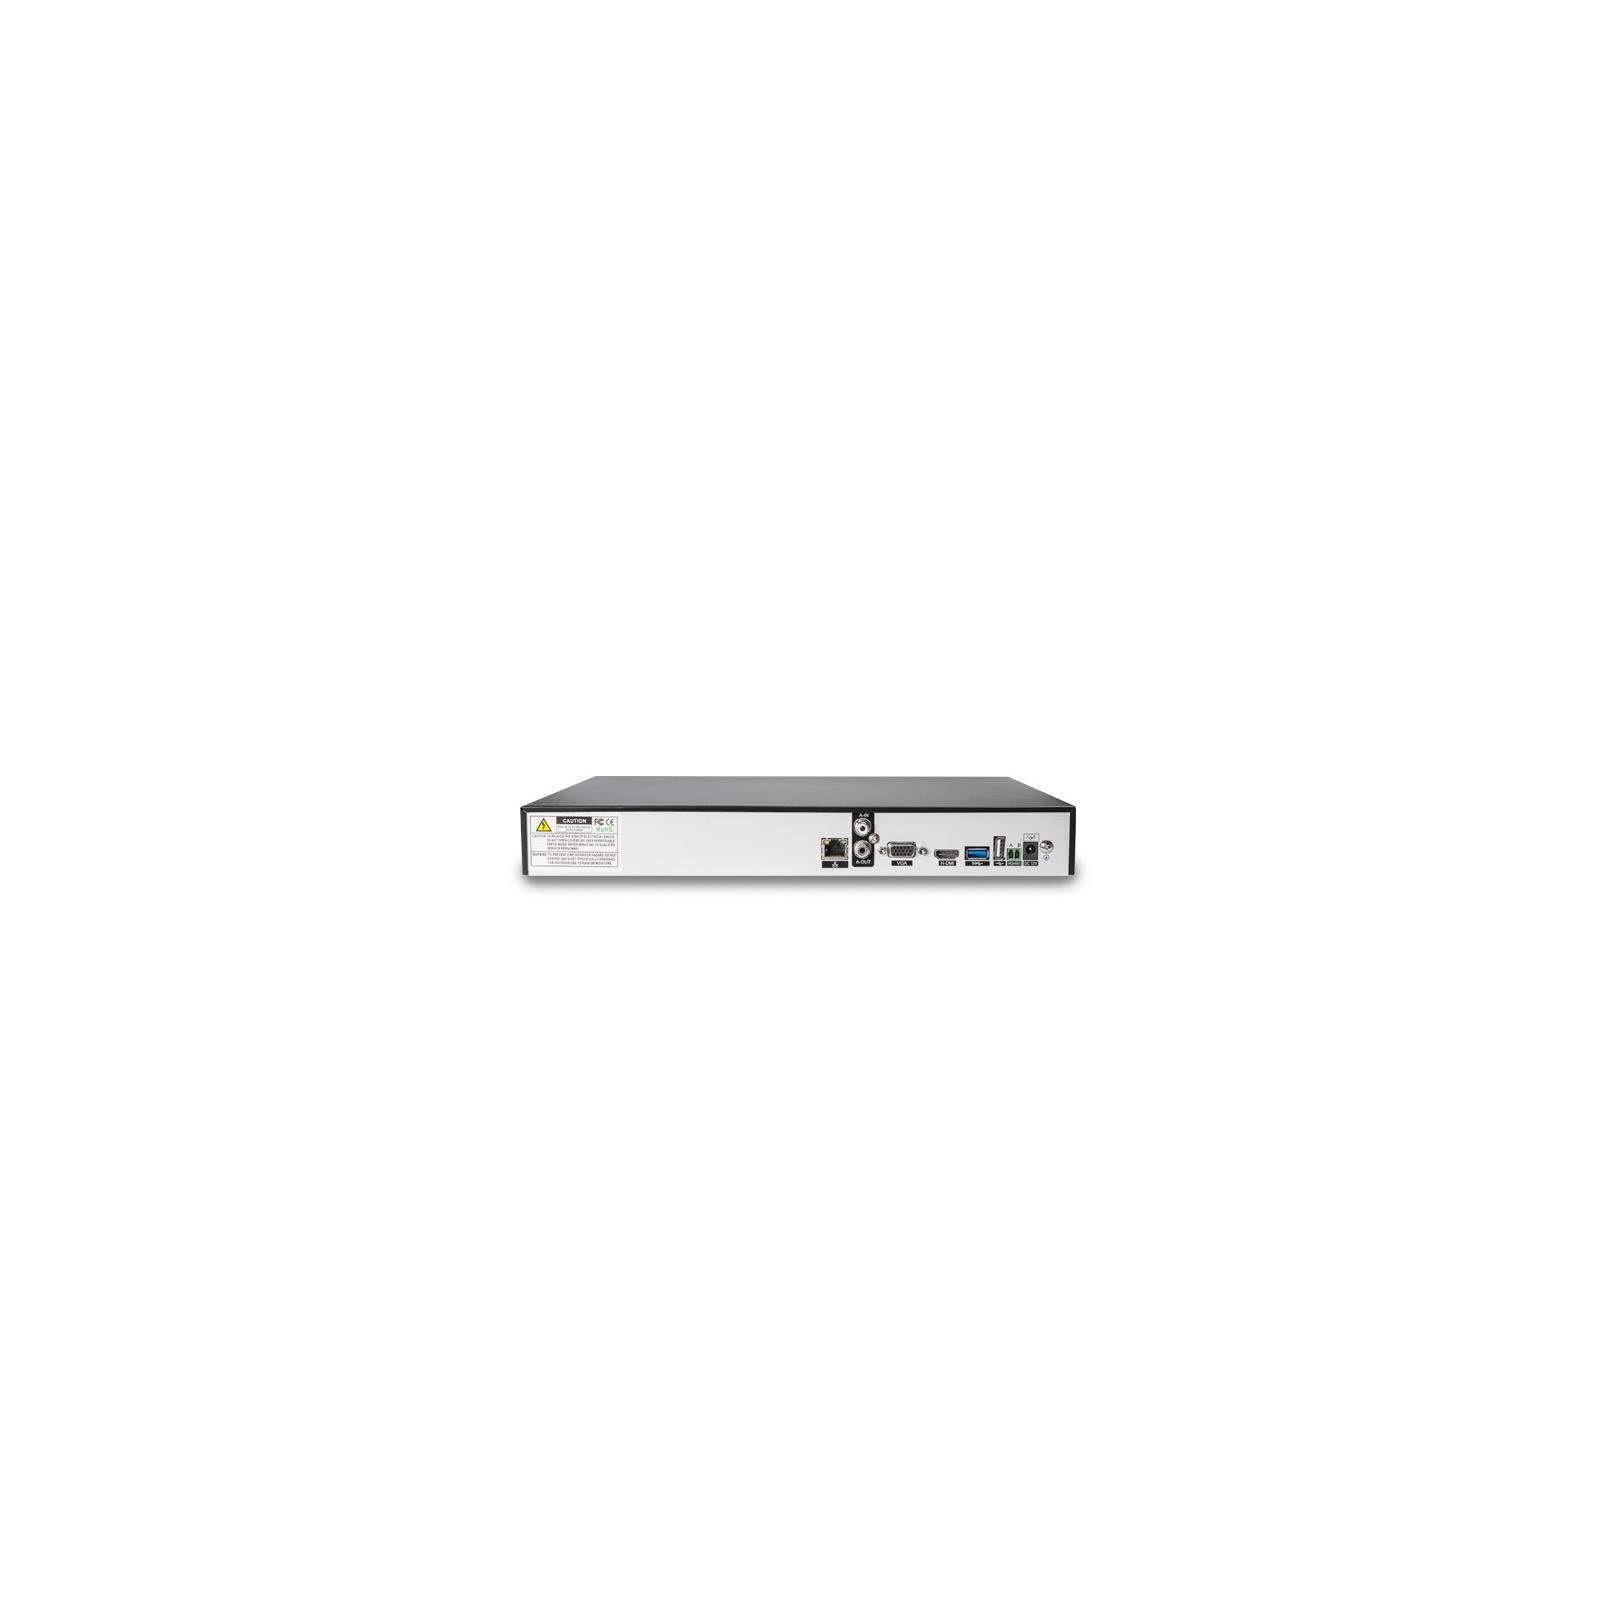 Регистратор для видеонаблюдения Tecsar NVR28-24F0P-H (5017) изображение 3